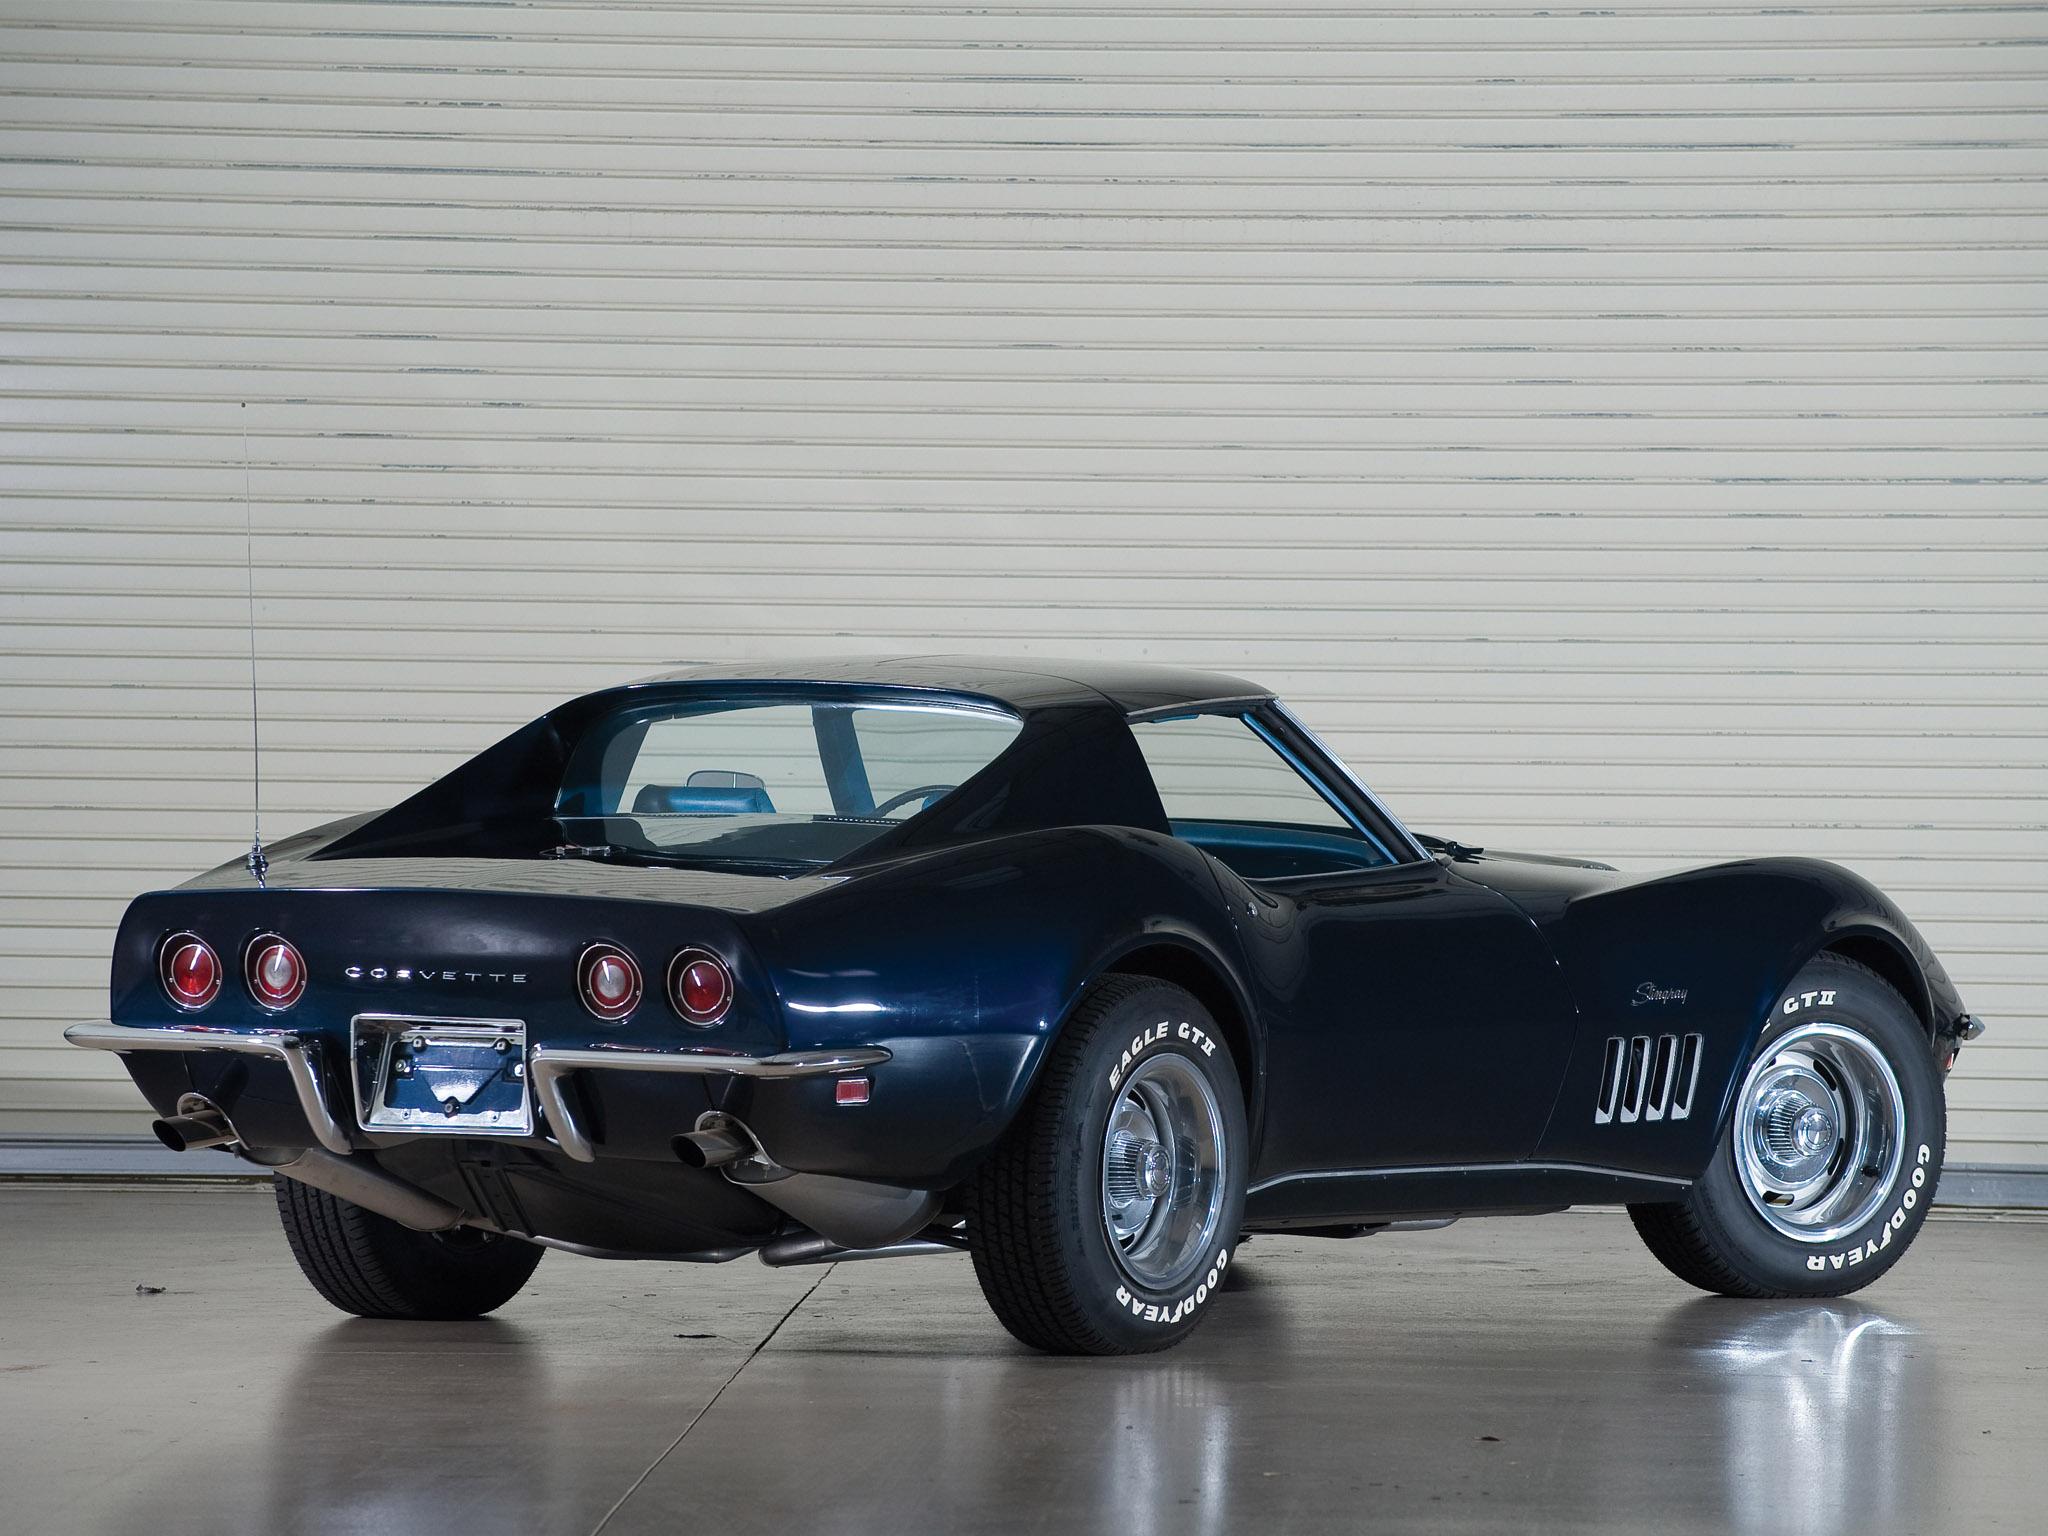 1969 chevrolet corvette c3 stingray l36 427 coupe classic muscle supercar supercars d wallpaper 2048x1536 108705 wallpaperup - Corvette Stingray 1969 Wallpaper